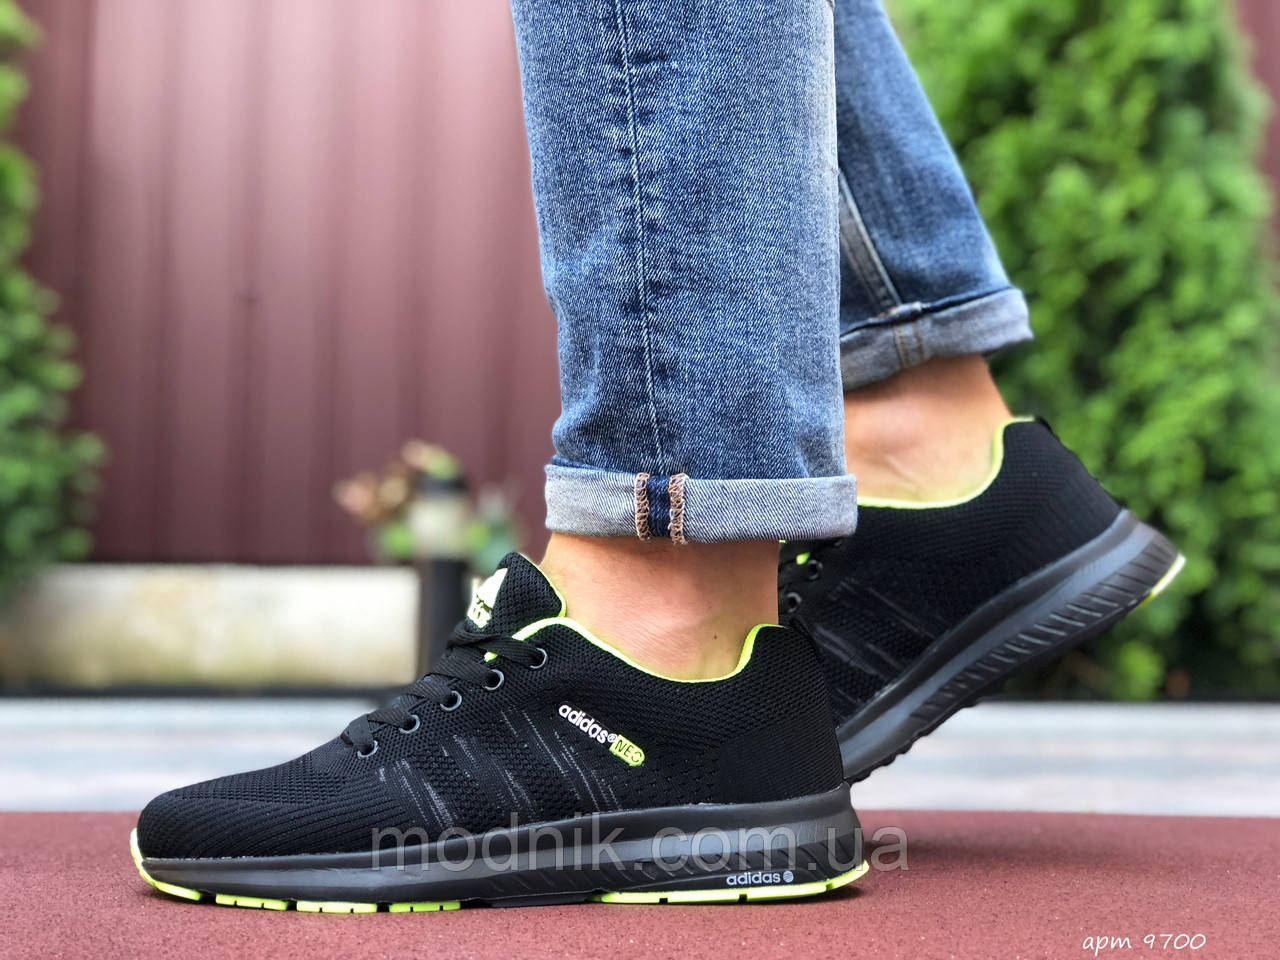 Мужские кроссовки Adidas Neo (черно-салатовые) 9700